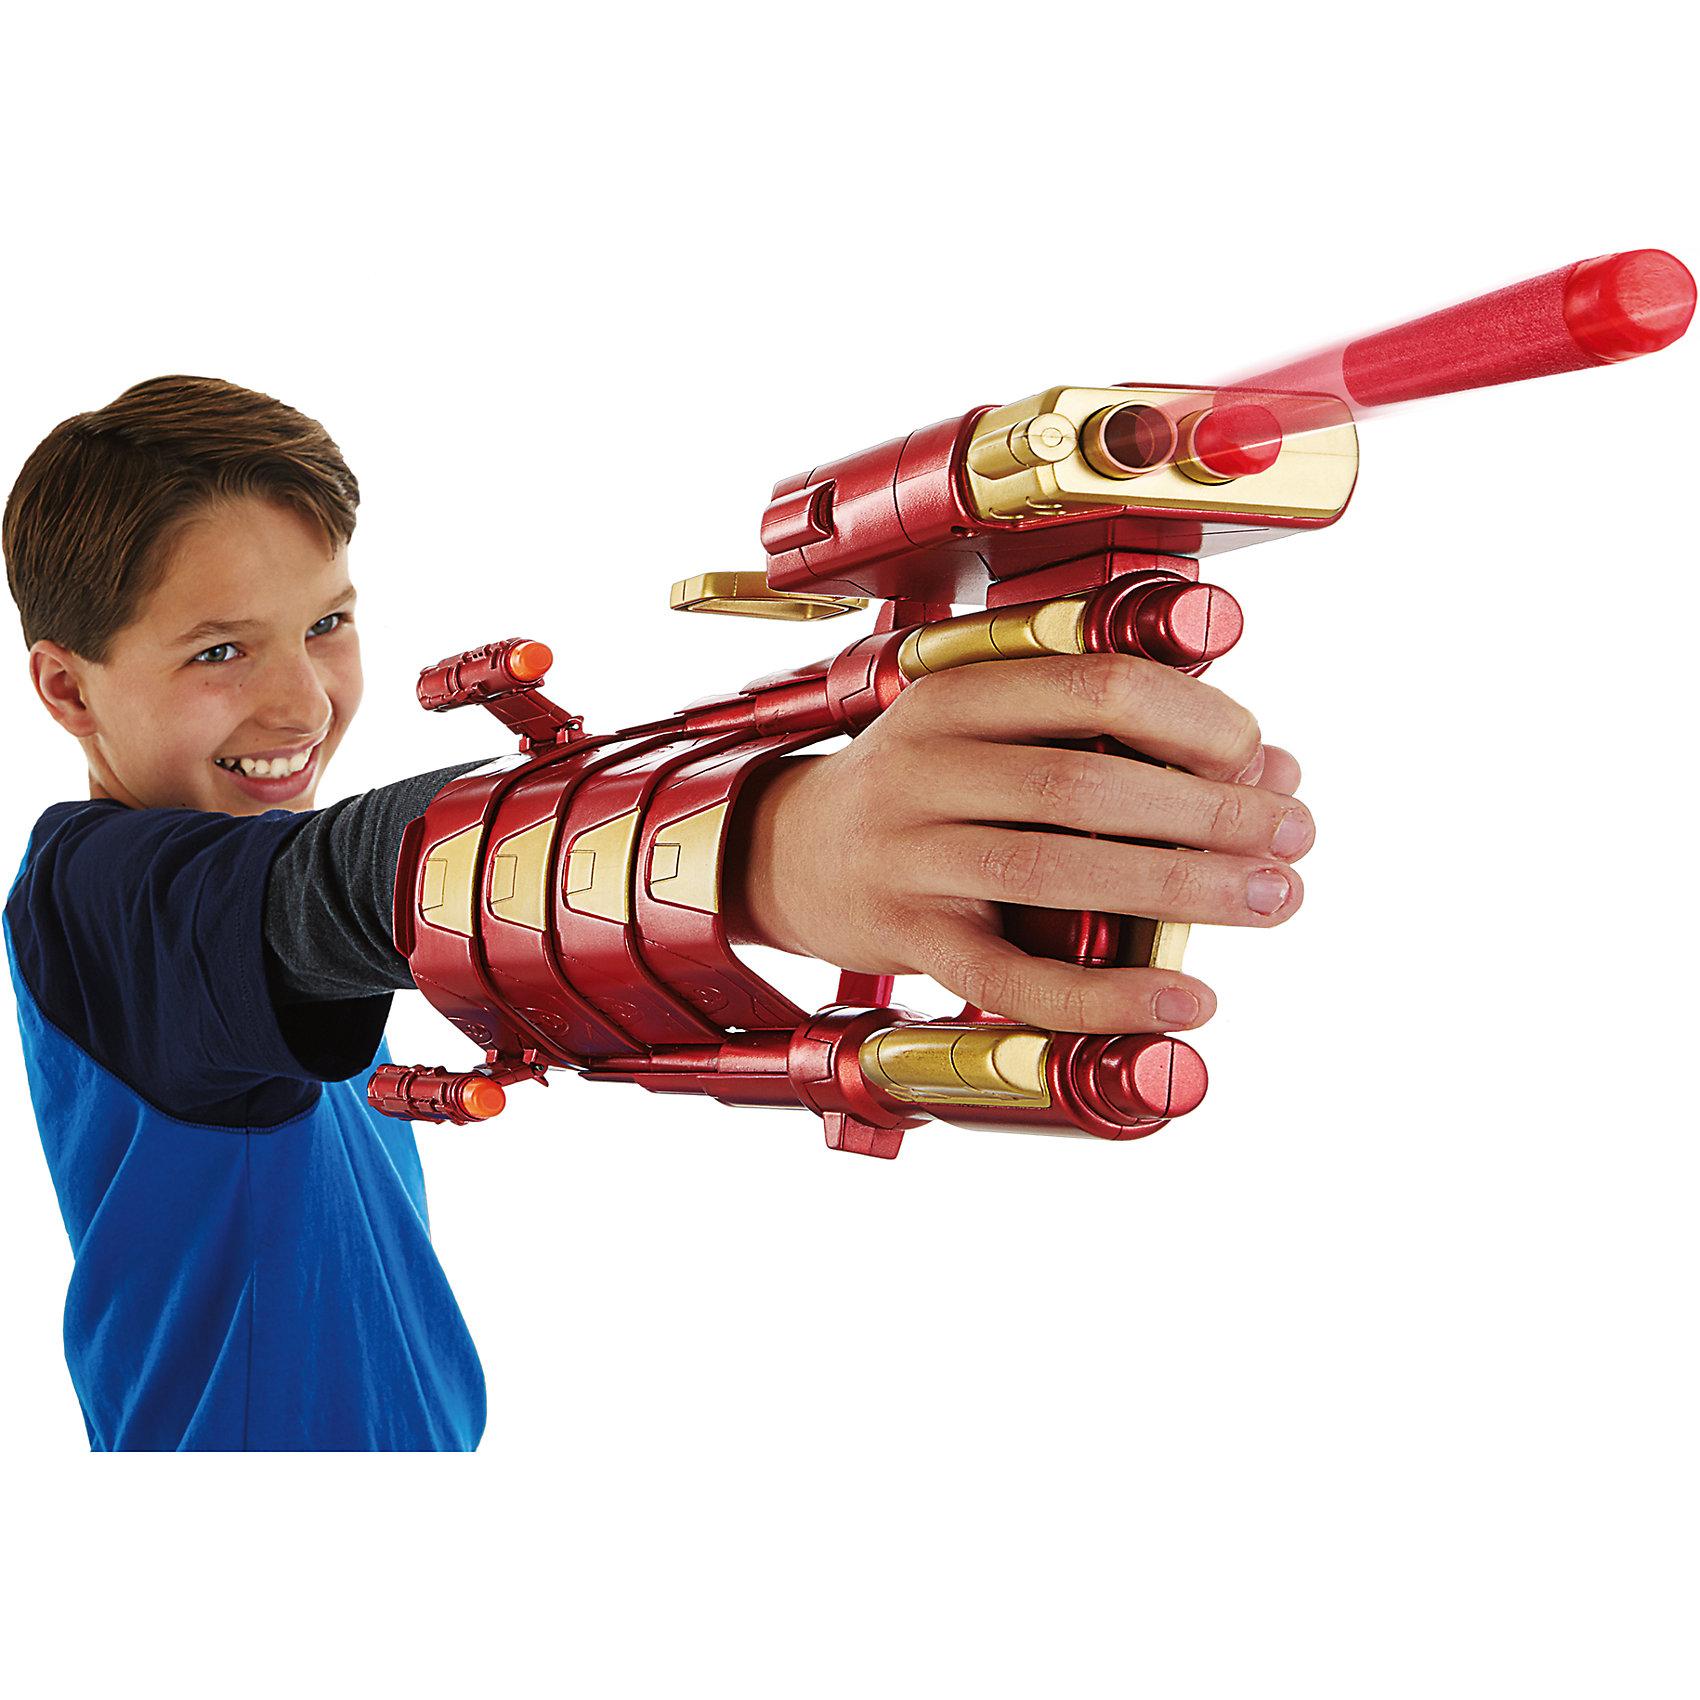 Боевая броня Железного Человека, Мстители, HasbroБластеры, пистолеты и прочее<br>Характеристики:<br><br>• возраст: от 6 лет;<br>• материал: пластик;<br>• размер упаковки: 31,8х21,6х8,3 см;<br>• вес упаковки: 475 гр.;<br>• страна производитель: Китай.<br><br>Игрушка «Боевая броня Железного человека» Мстители Hasbro создана по мотивам известного фильма «Мстители» и представляет собой броню одного из известных супергероев Железного человека. С ней мальчишки смогут почувствовать себя настоящими супергероями.<br><br>Броня выполнена в классическом для костюмов Тони Старка красном цвете. Он одевается на руку и стреляет снарядами Nerf. На ручке располагаются спусковые крючки. Игрушка выполнена из качественного безопасного пластика.<br><br>Игрушку «Боевая броня Железного человека» Мстители Hasbro можно приобрести в нашем интернет-магазине.<br><br>Ширина мм: 317<br>Глубина мм: 218<br>Высота мм: 86<br>Вес г: 478<br>Возраст от месяцев: 72<br>Возраст до месяцев: 2147483647<br>Пол: Мужской<br>Возраст: Детский<br>SKU: 5160416